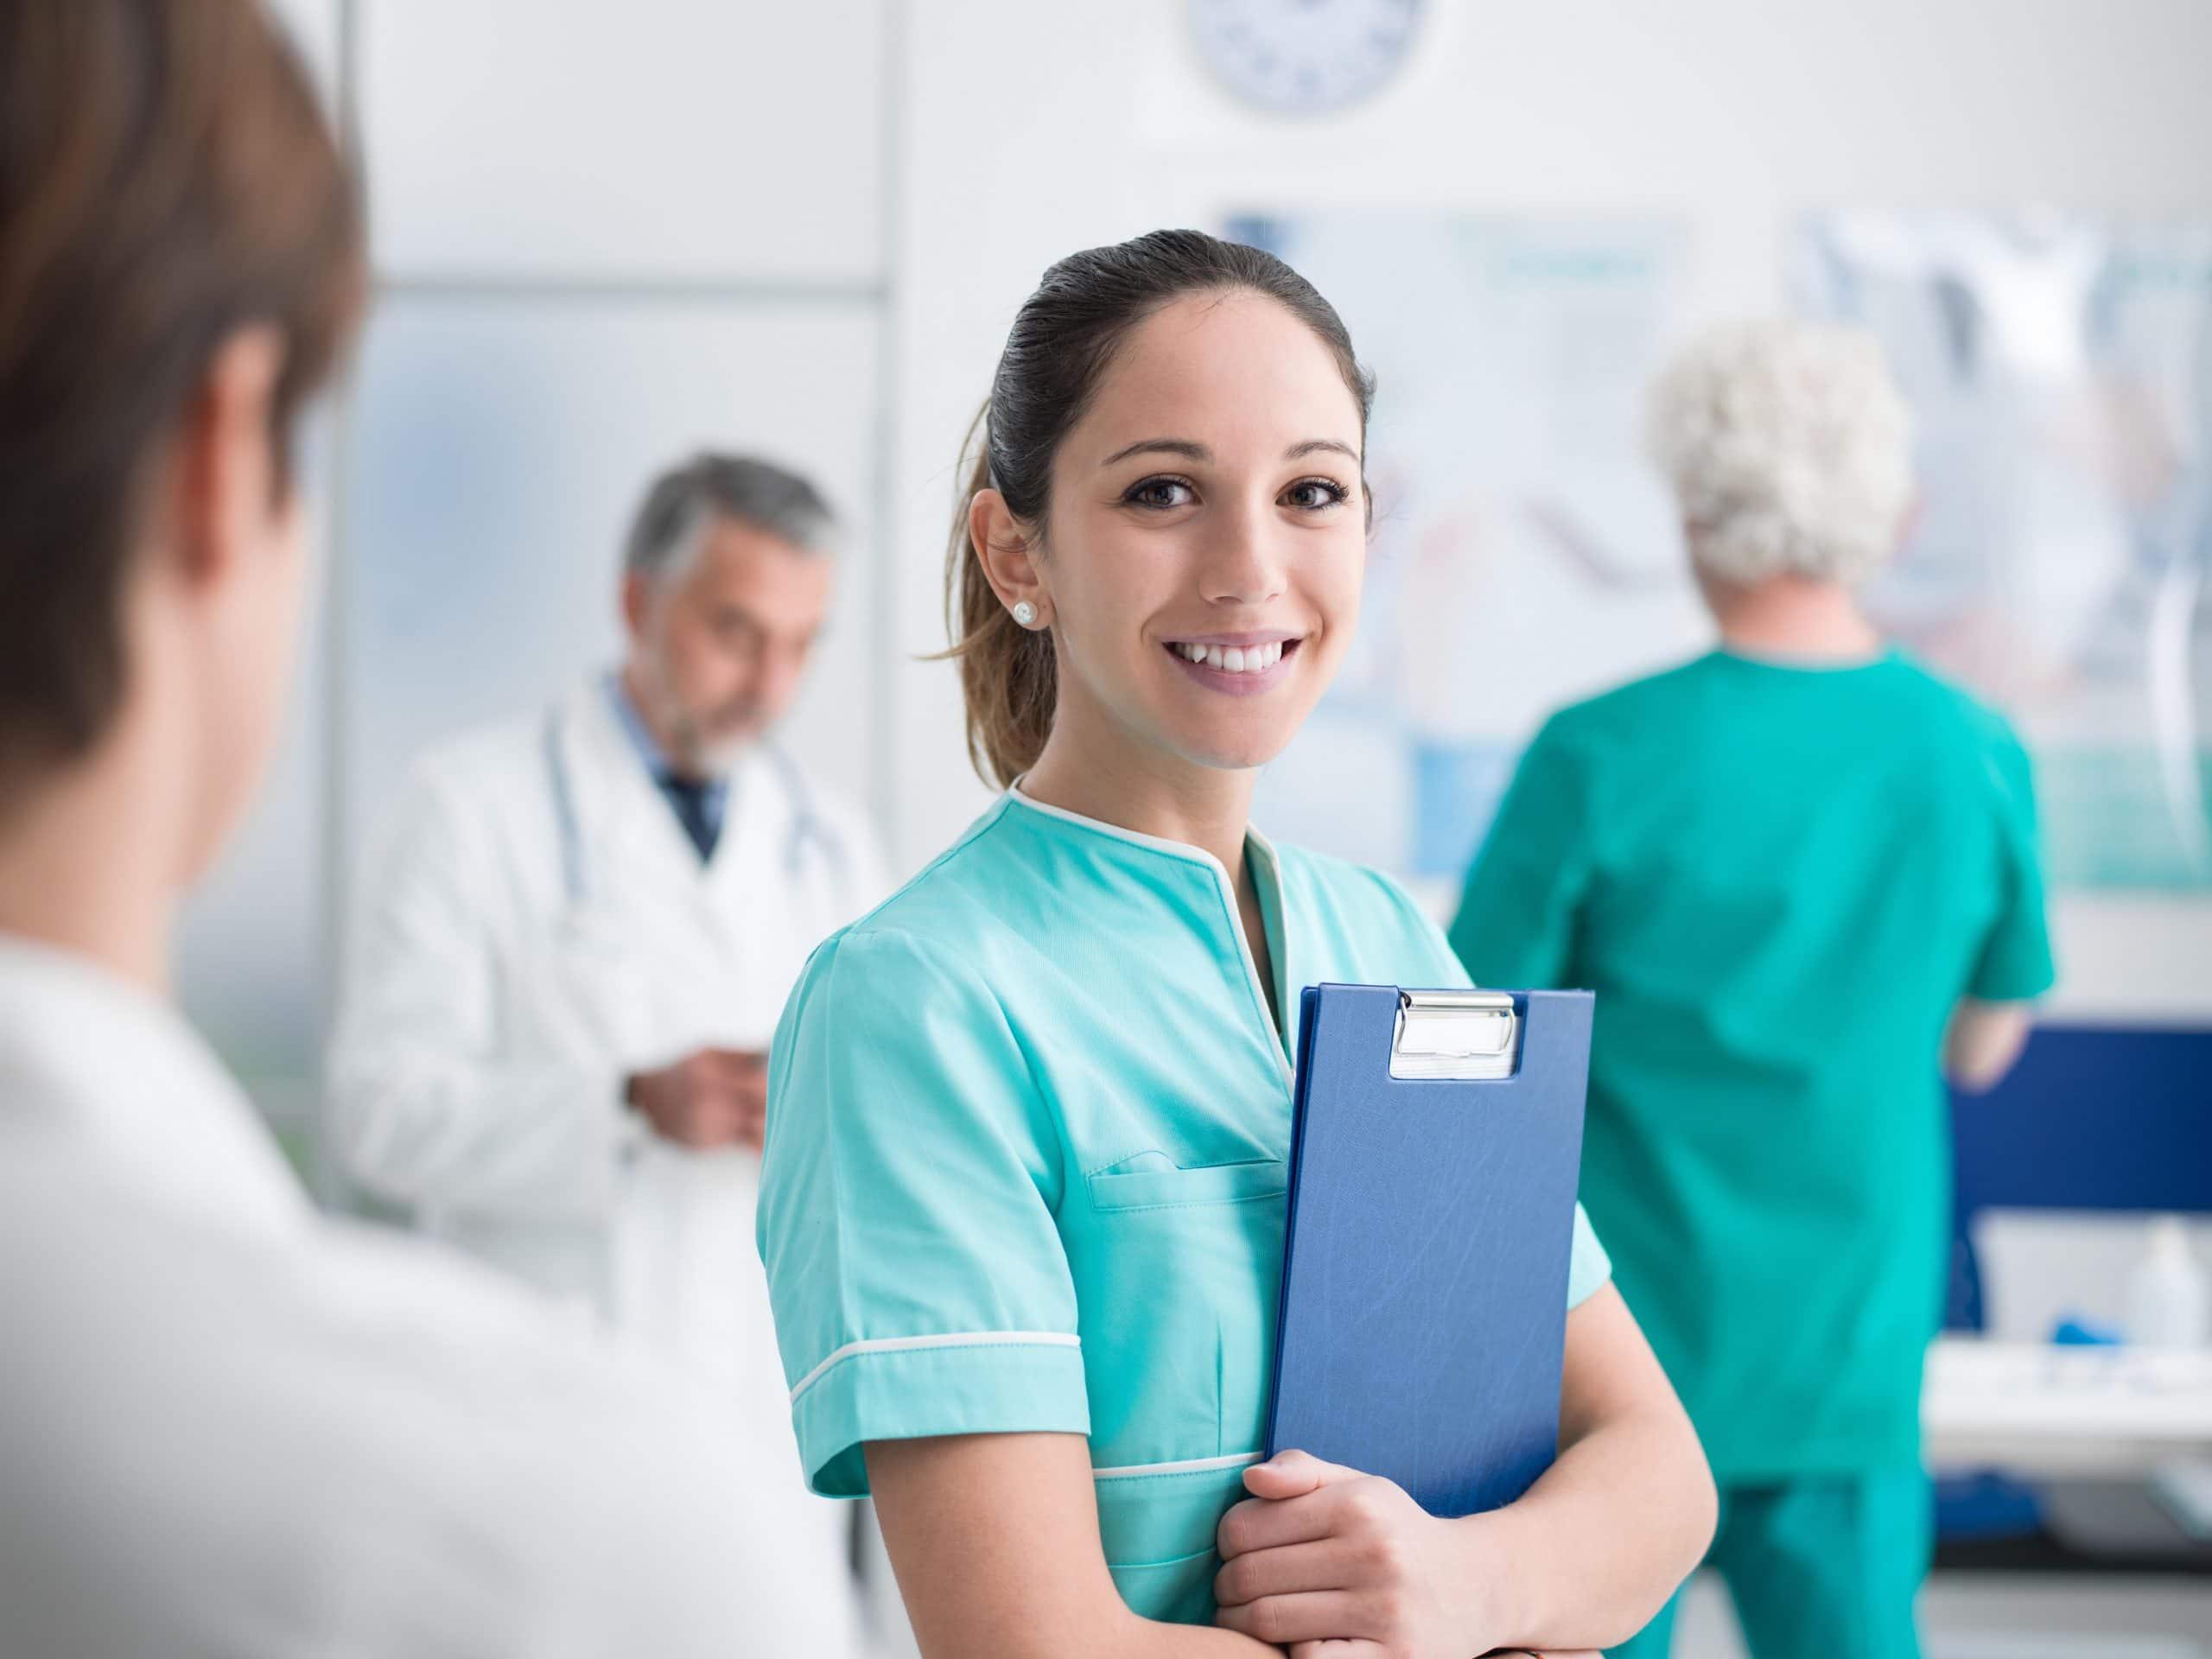 Gesundheitssektor bietet beste Chancen für Berufseinsteiger und Umsteiger Neue Ausbildung für Multitalente in der Gesundheit